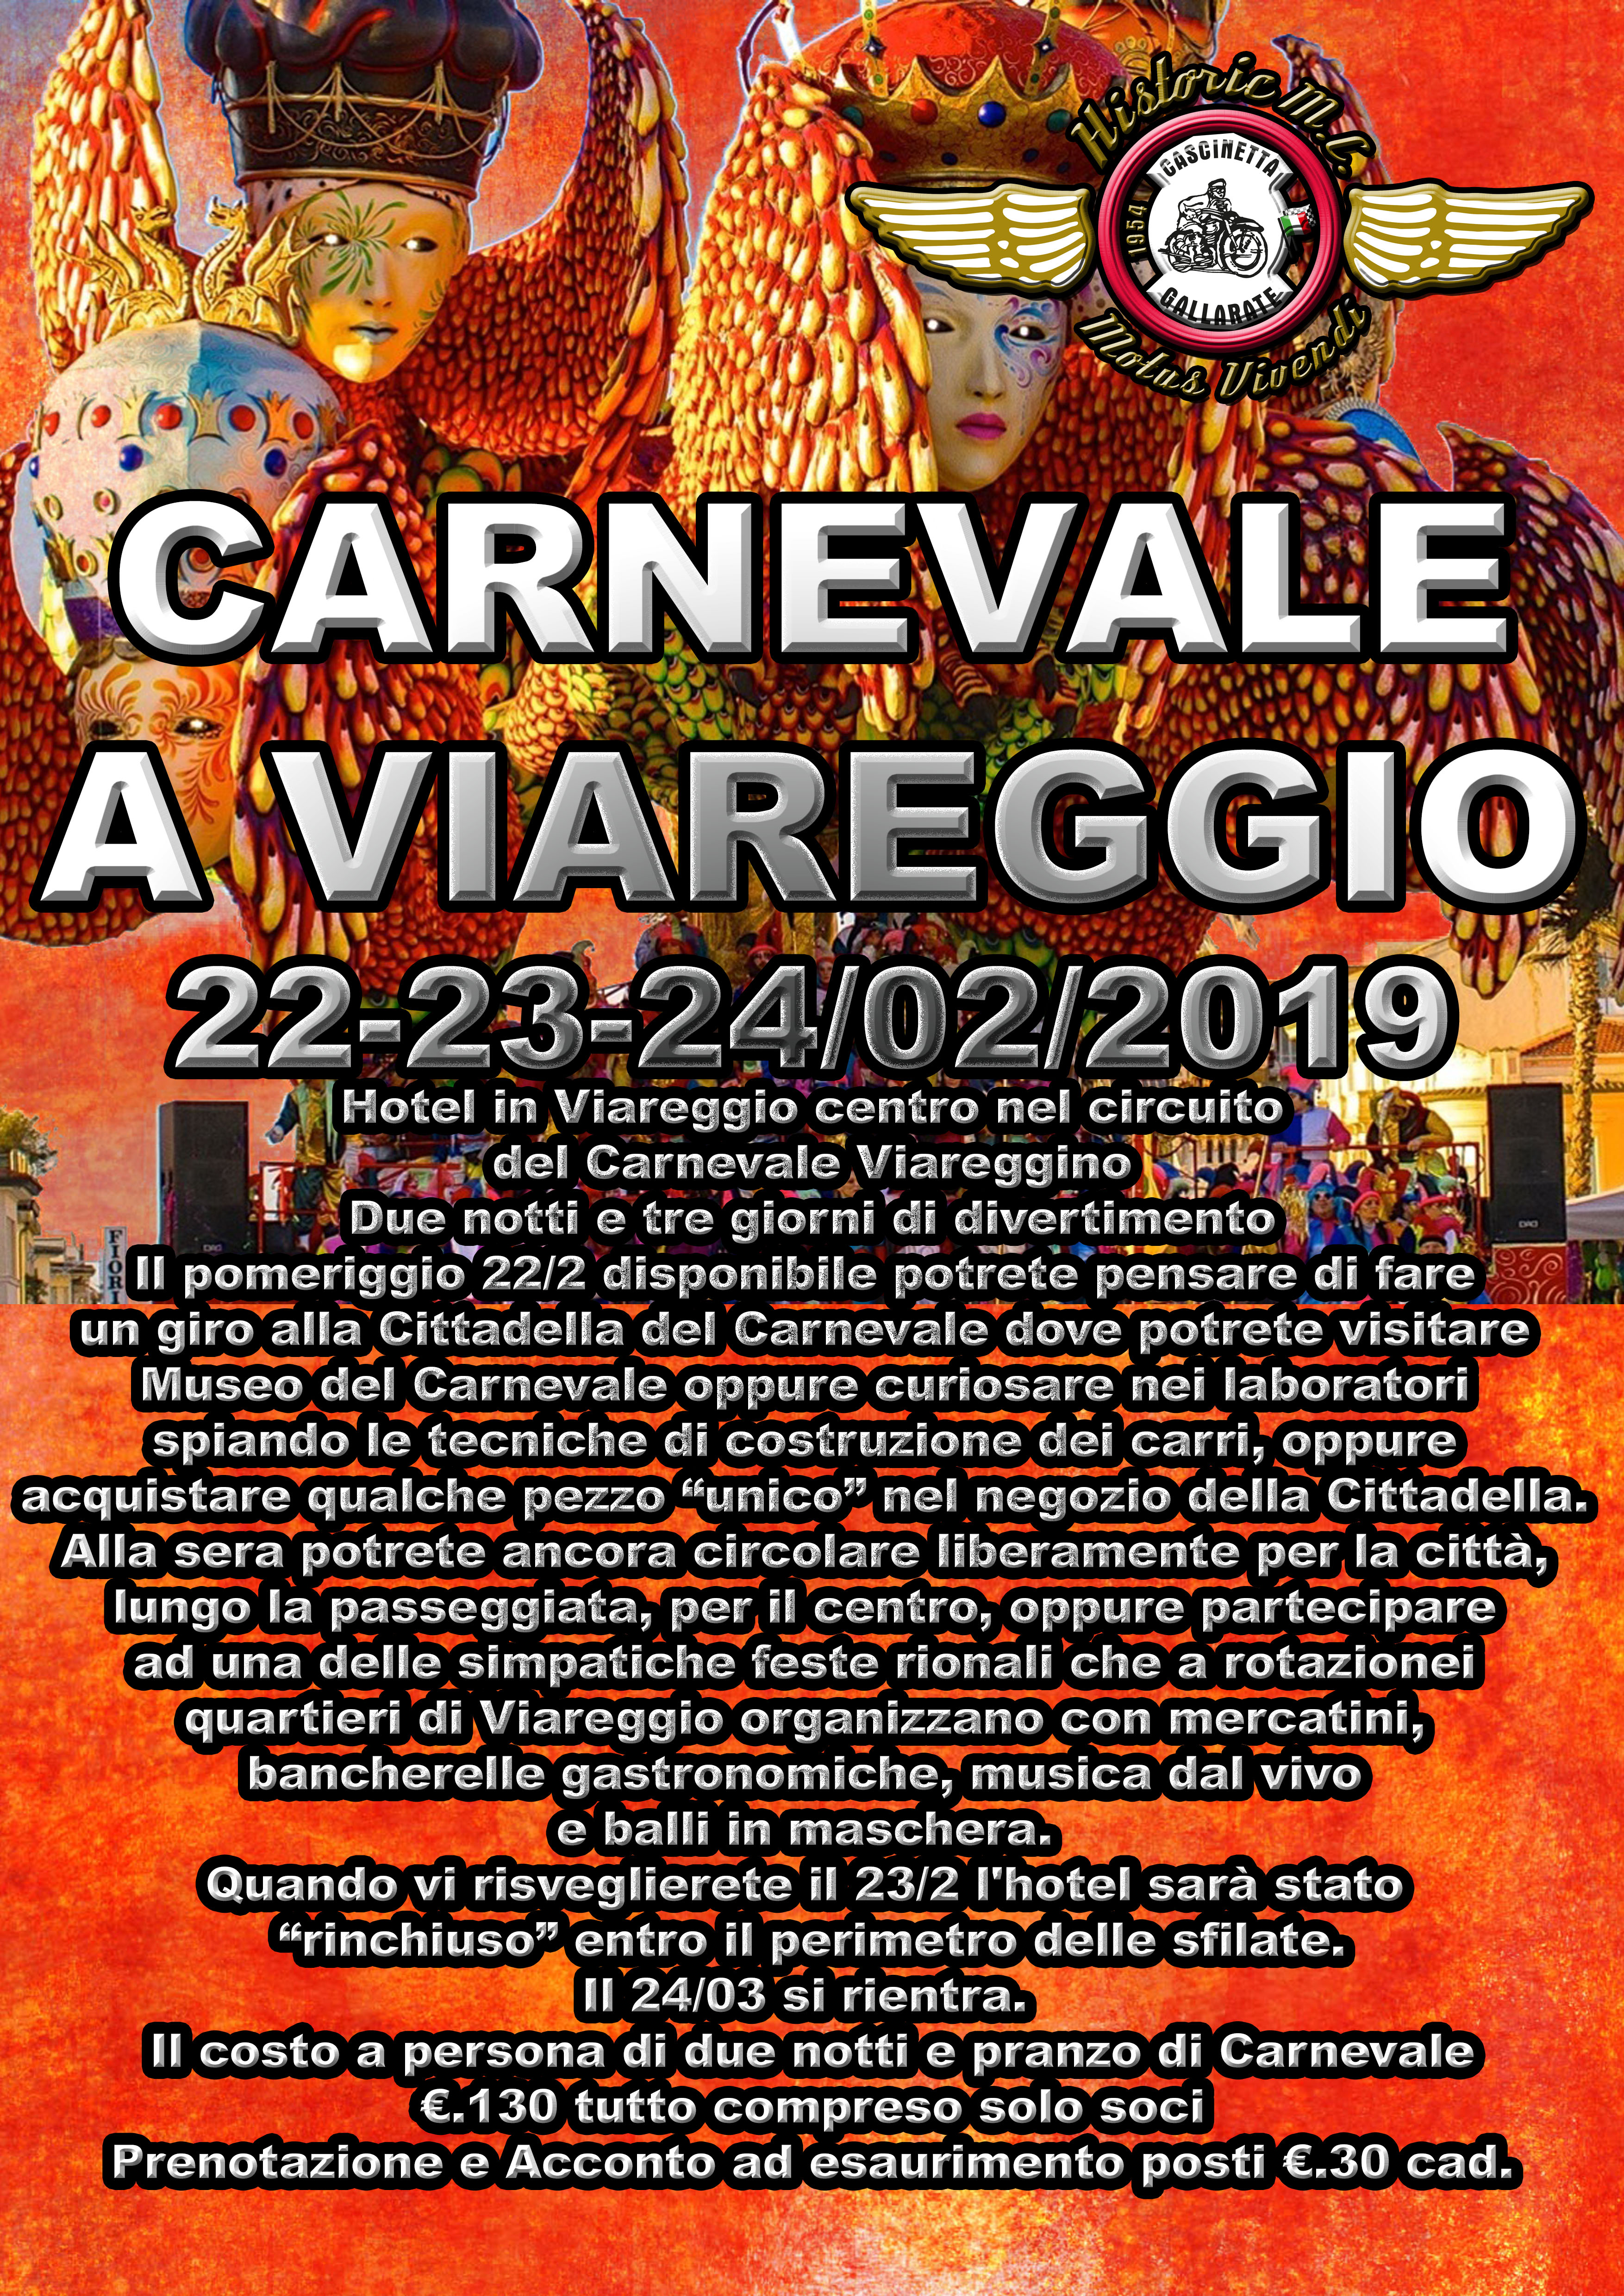 2019-02-22-23 Carnevale a Viareggio